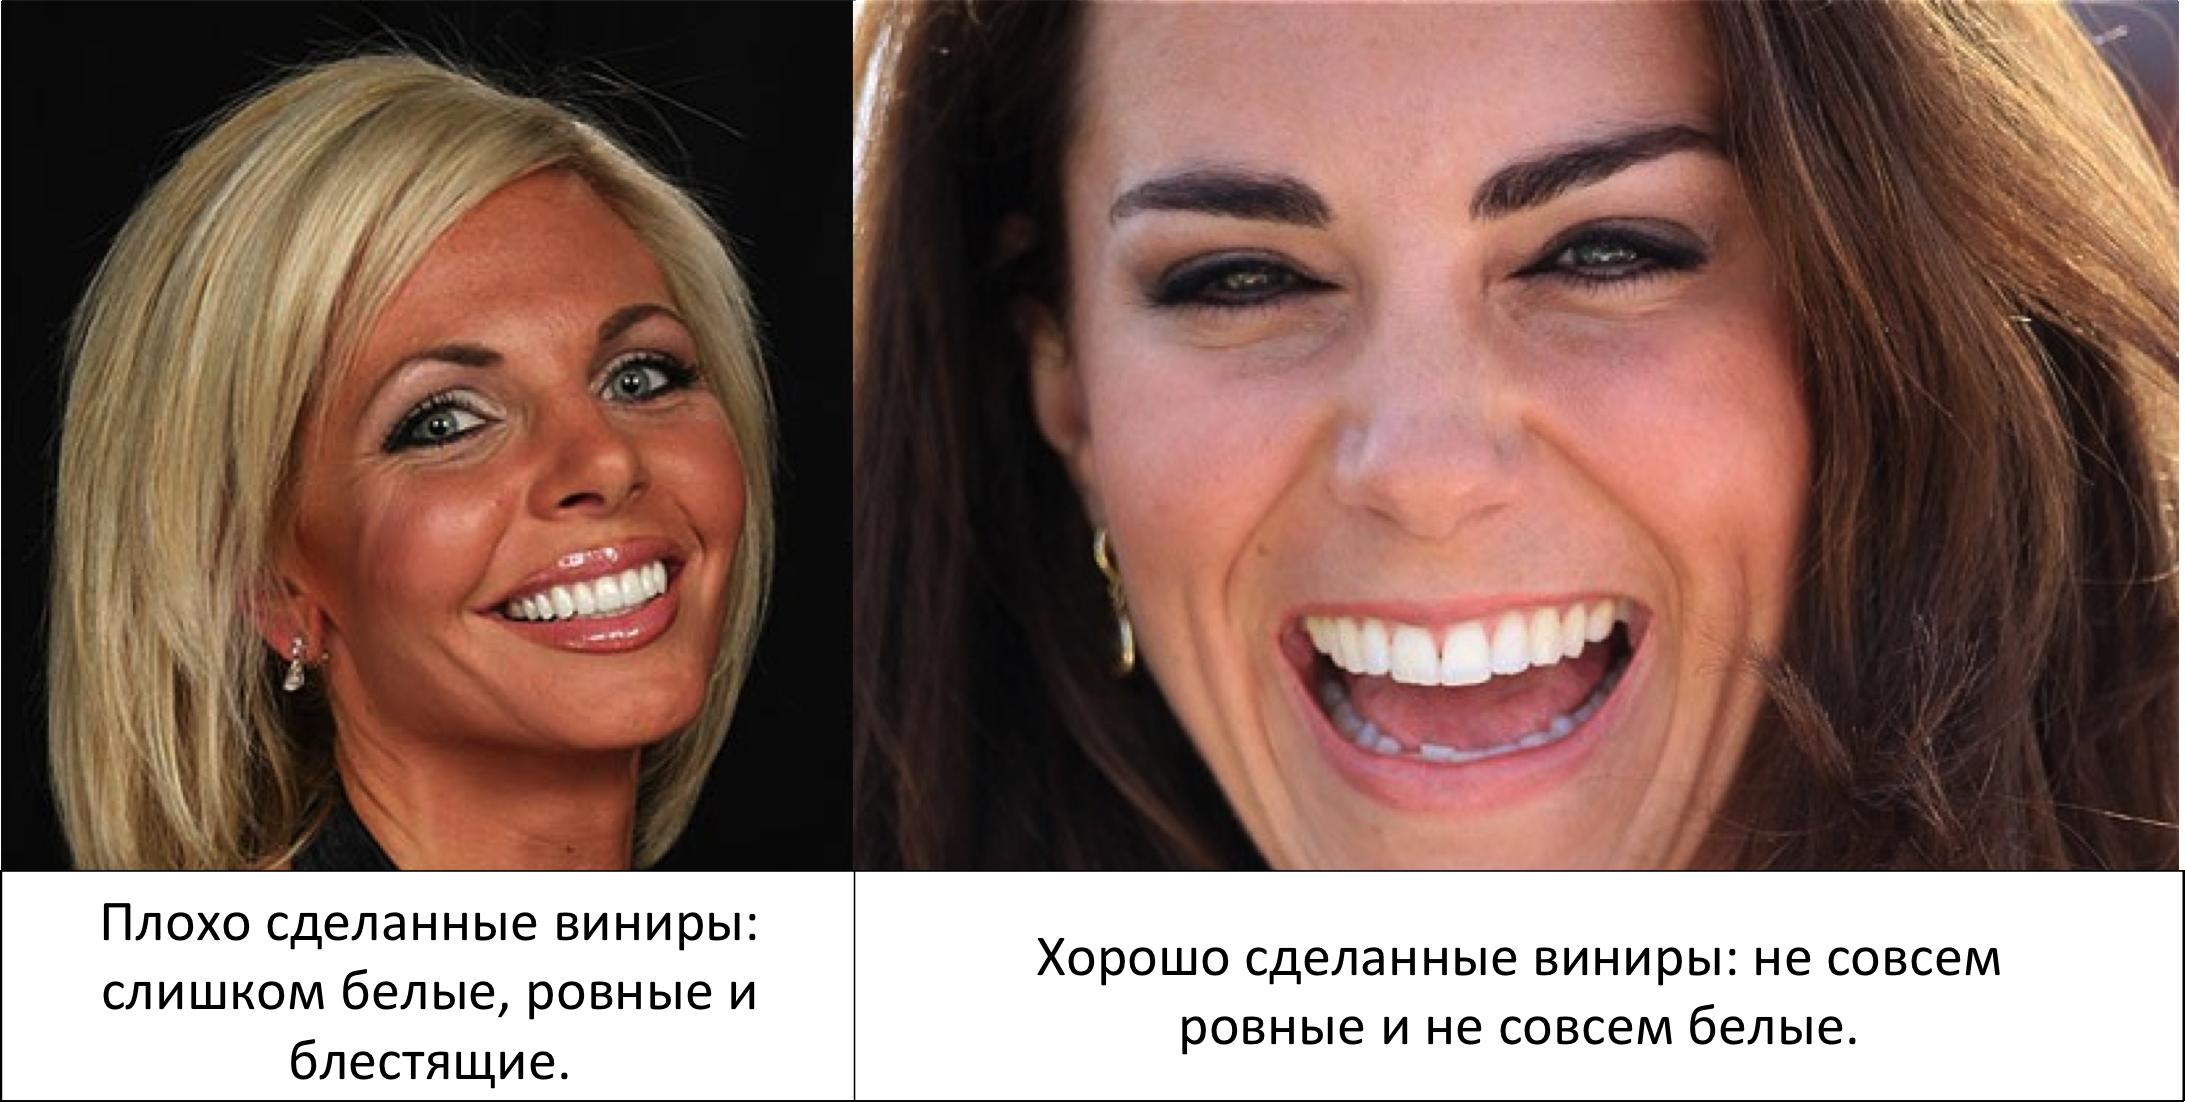 как делают виниры на зубы отзывы